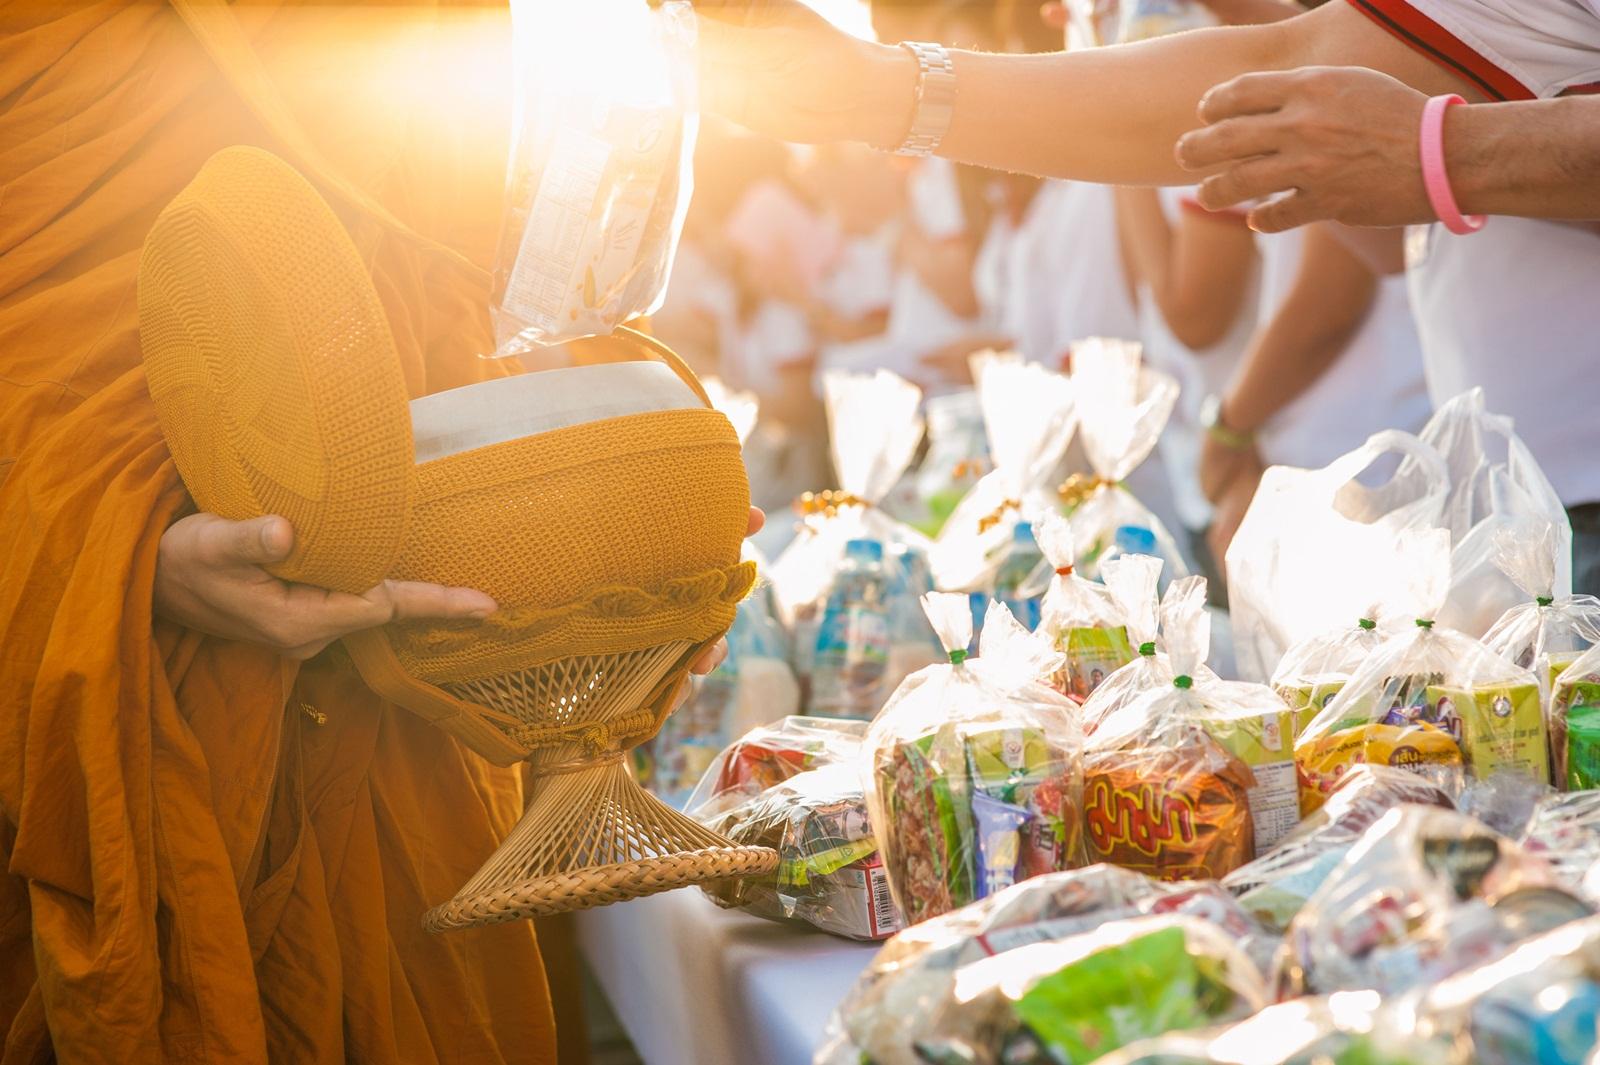 เลือกอาหารทำบุญ เน้นสุขภาพพระ thaihealth